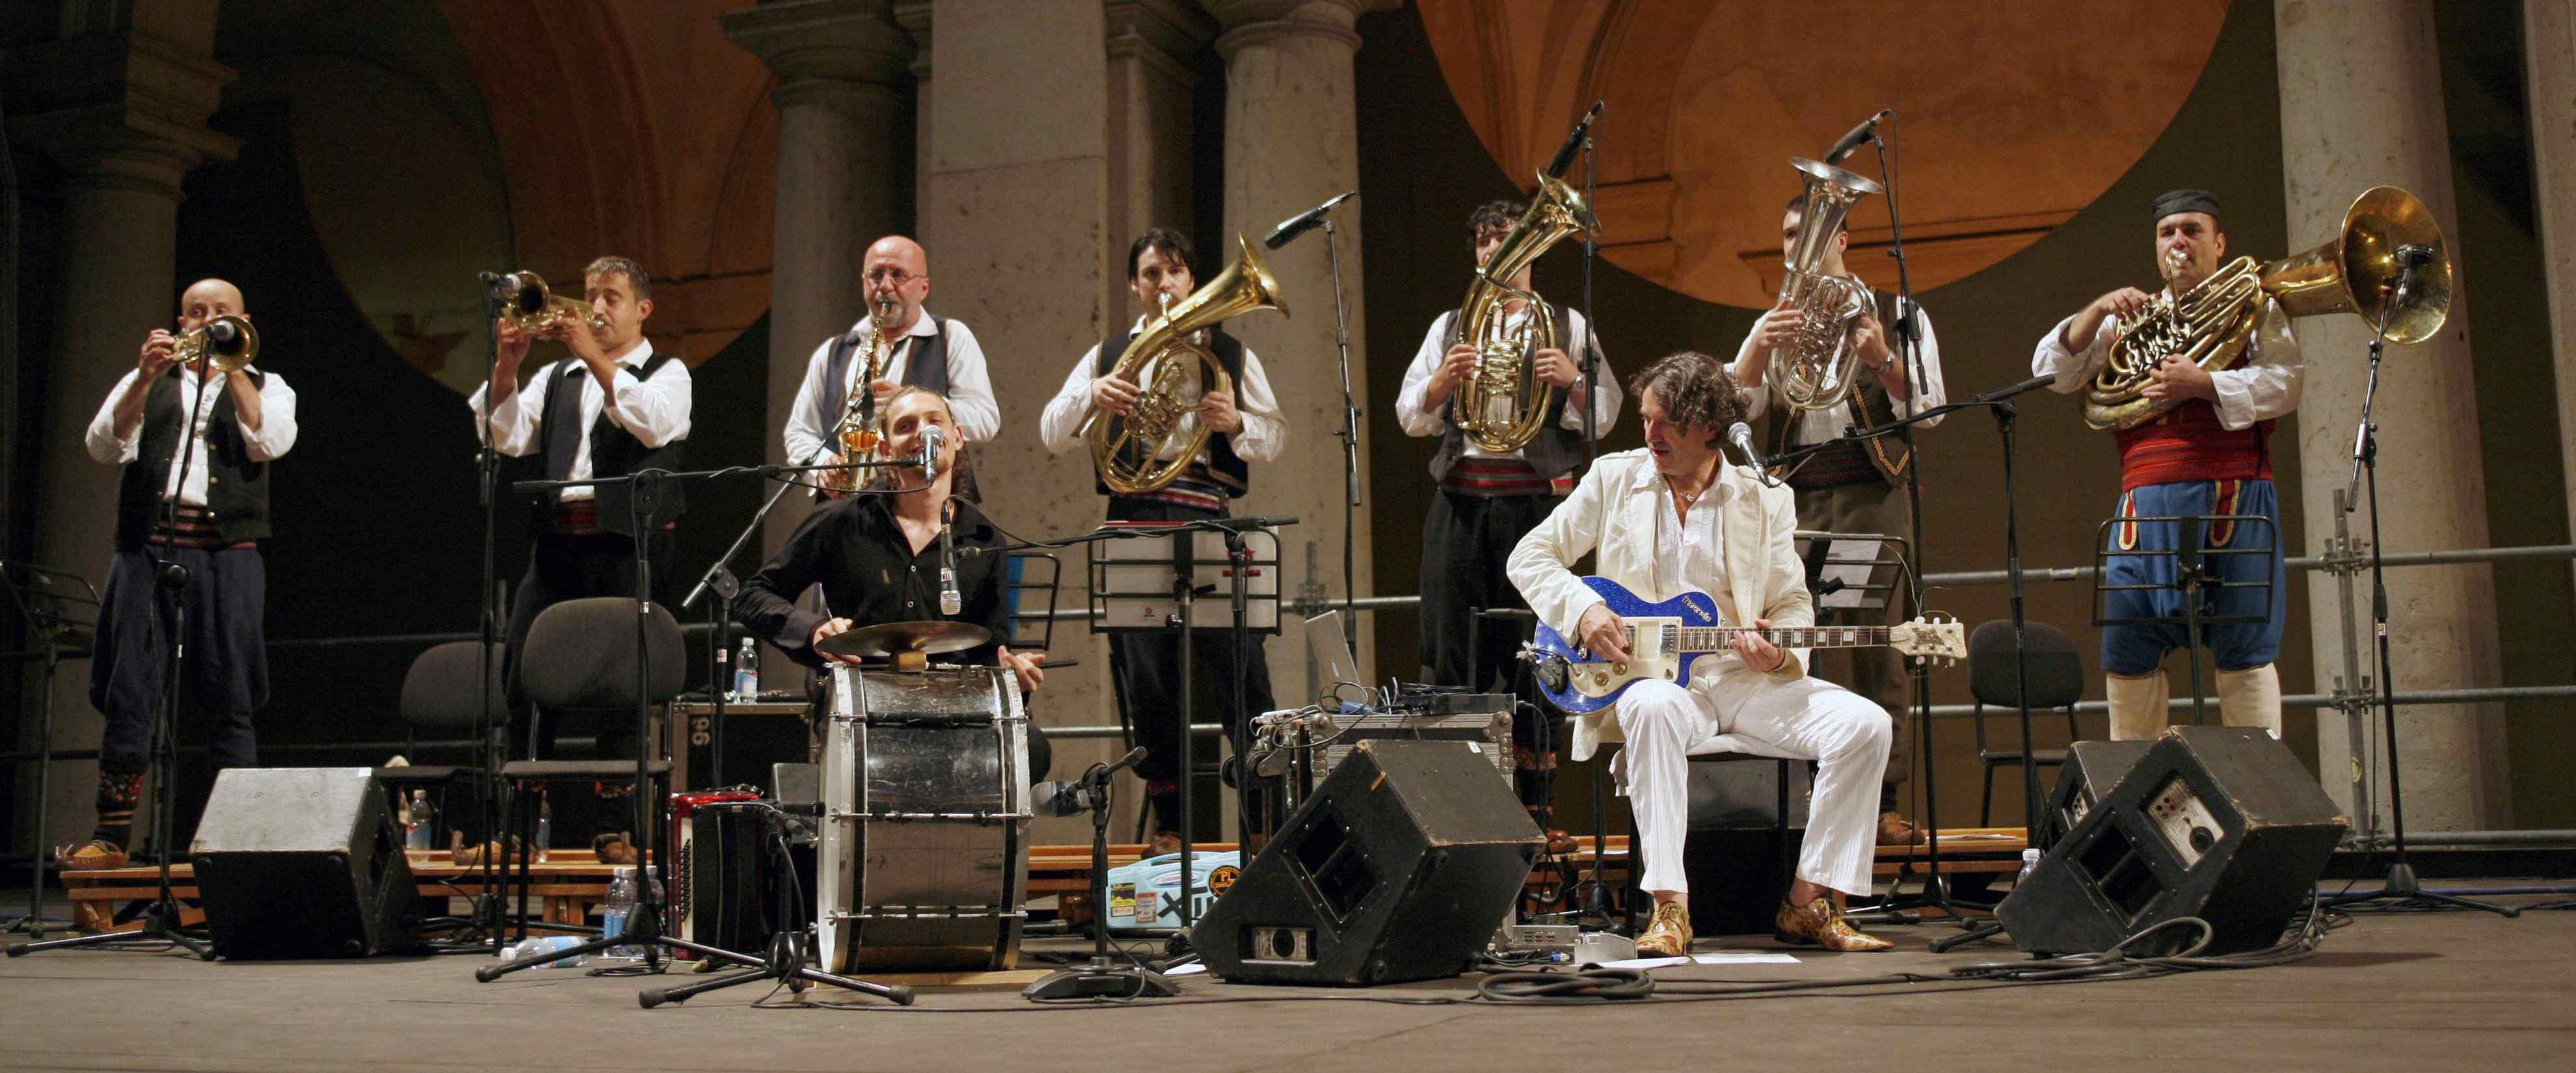 Risultati immagini per Goran Bregovic & The Wedding and Funeral Band